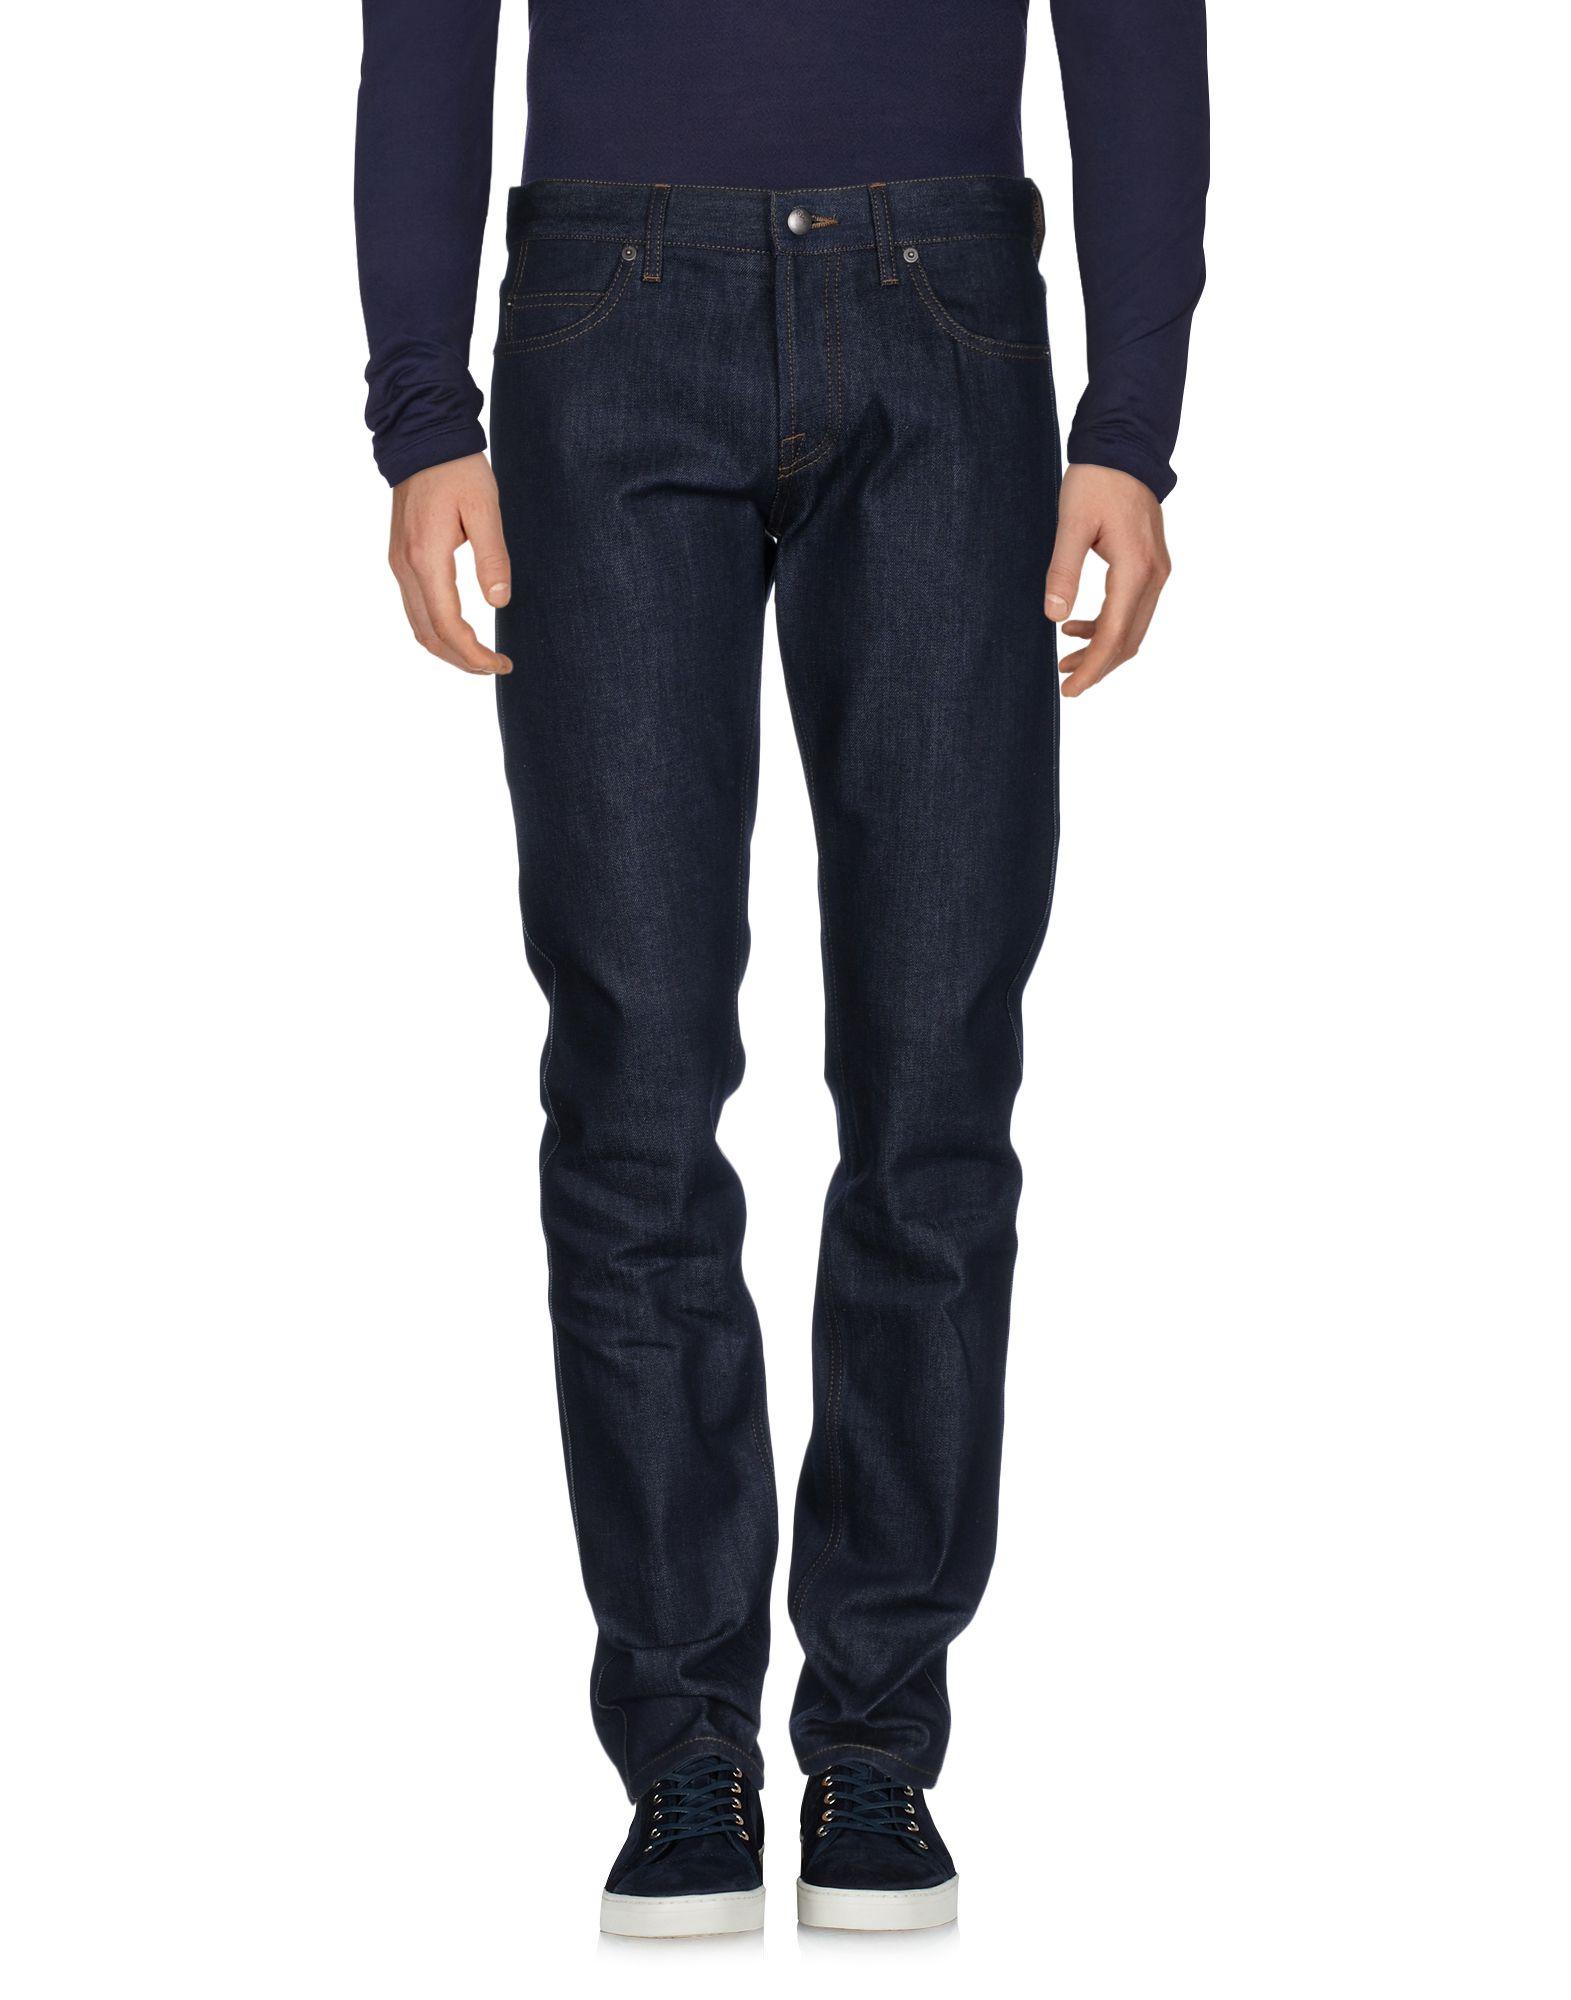 Pantaloni Jeans Mcq Alexander Mcqueen Uomo - Acquista online su